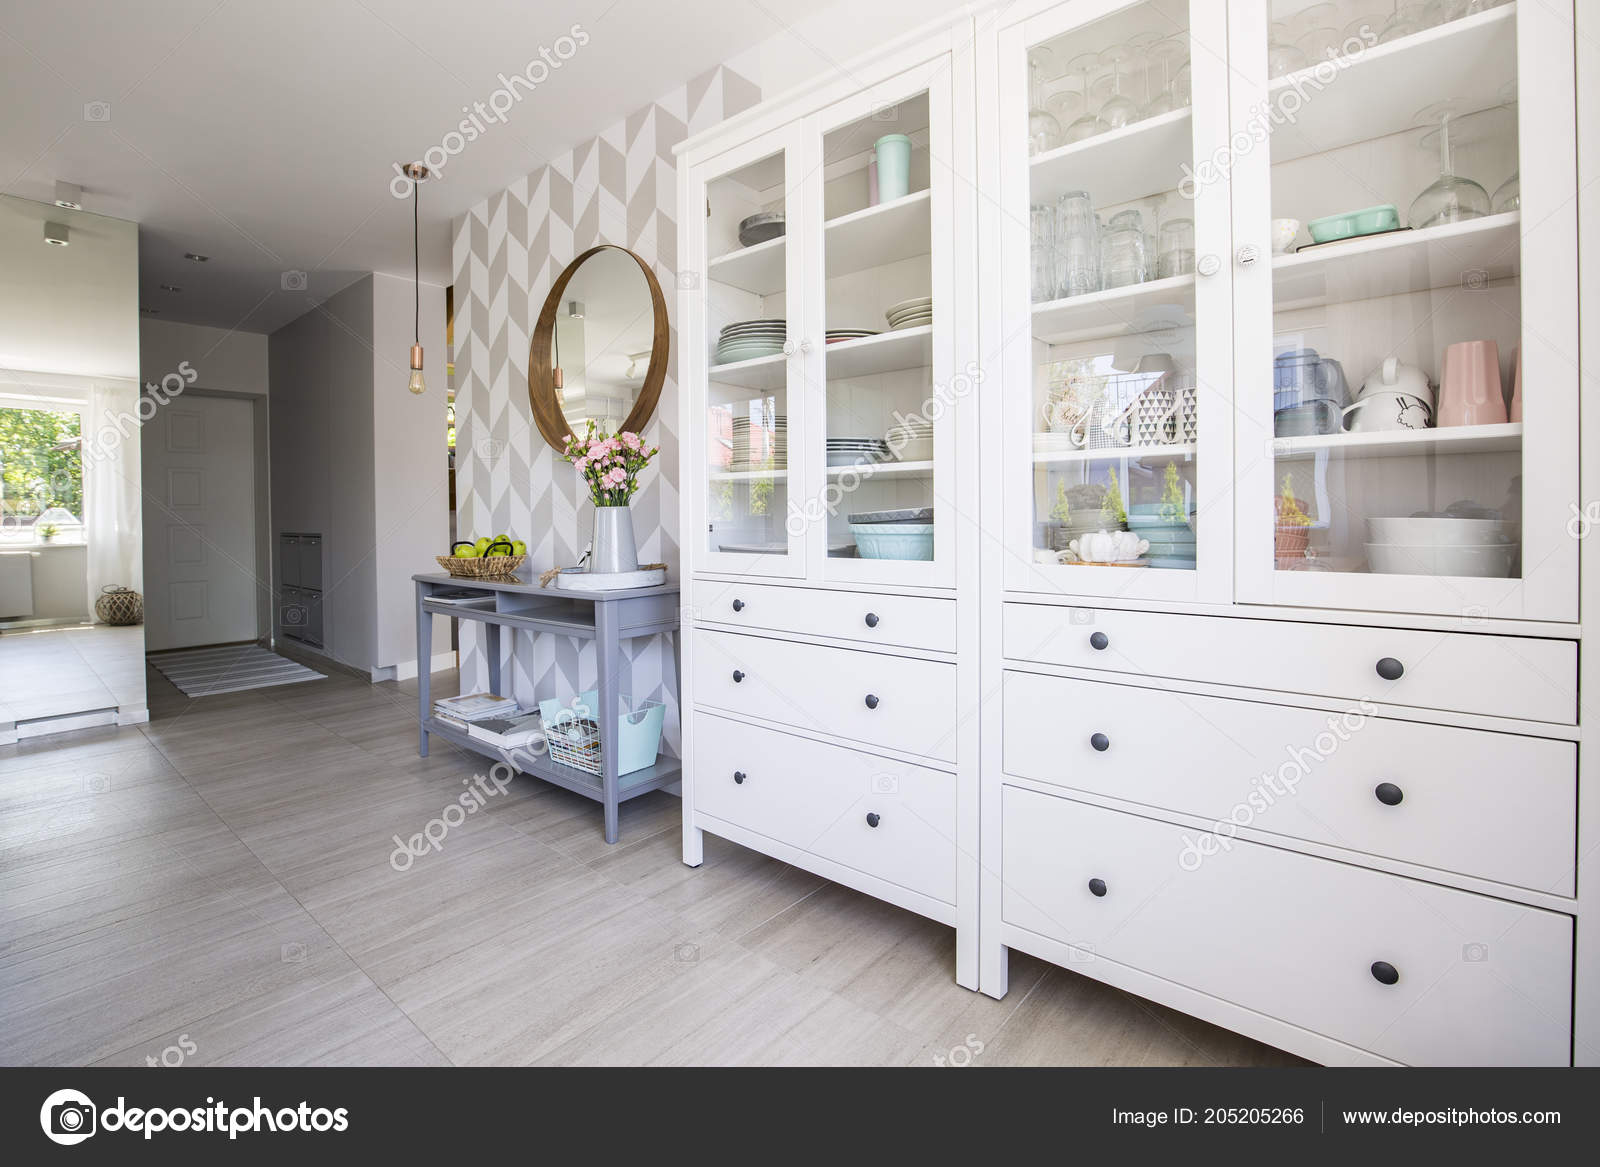 kitchen console cabinet with sink 白色厨房橱柜与柔和的菜和蓝色控制台桌站立在真正相片房子内部与图案的 白色厨房橱柜与柔和的菜和蓝色控制台桌站立在真正